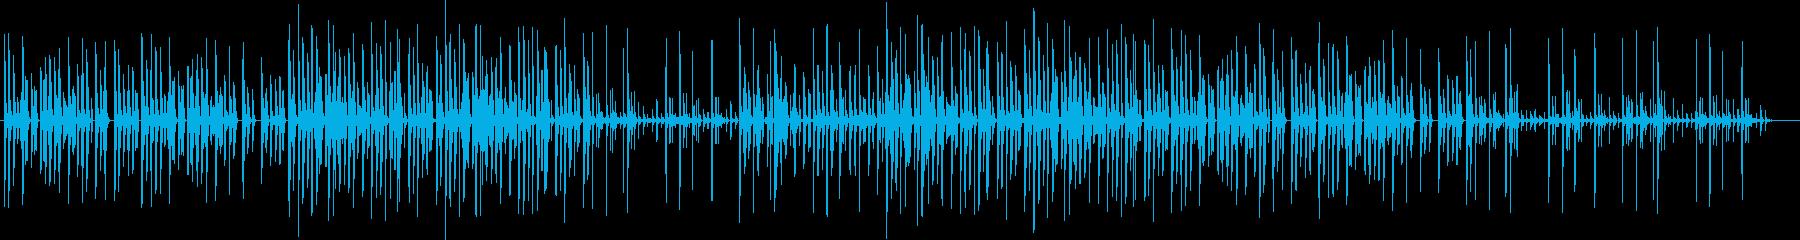 エレクトロなHiphopの再生済みの波形